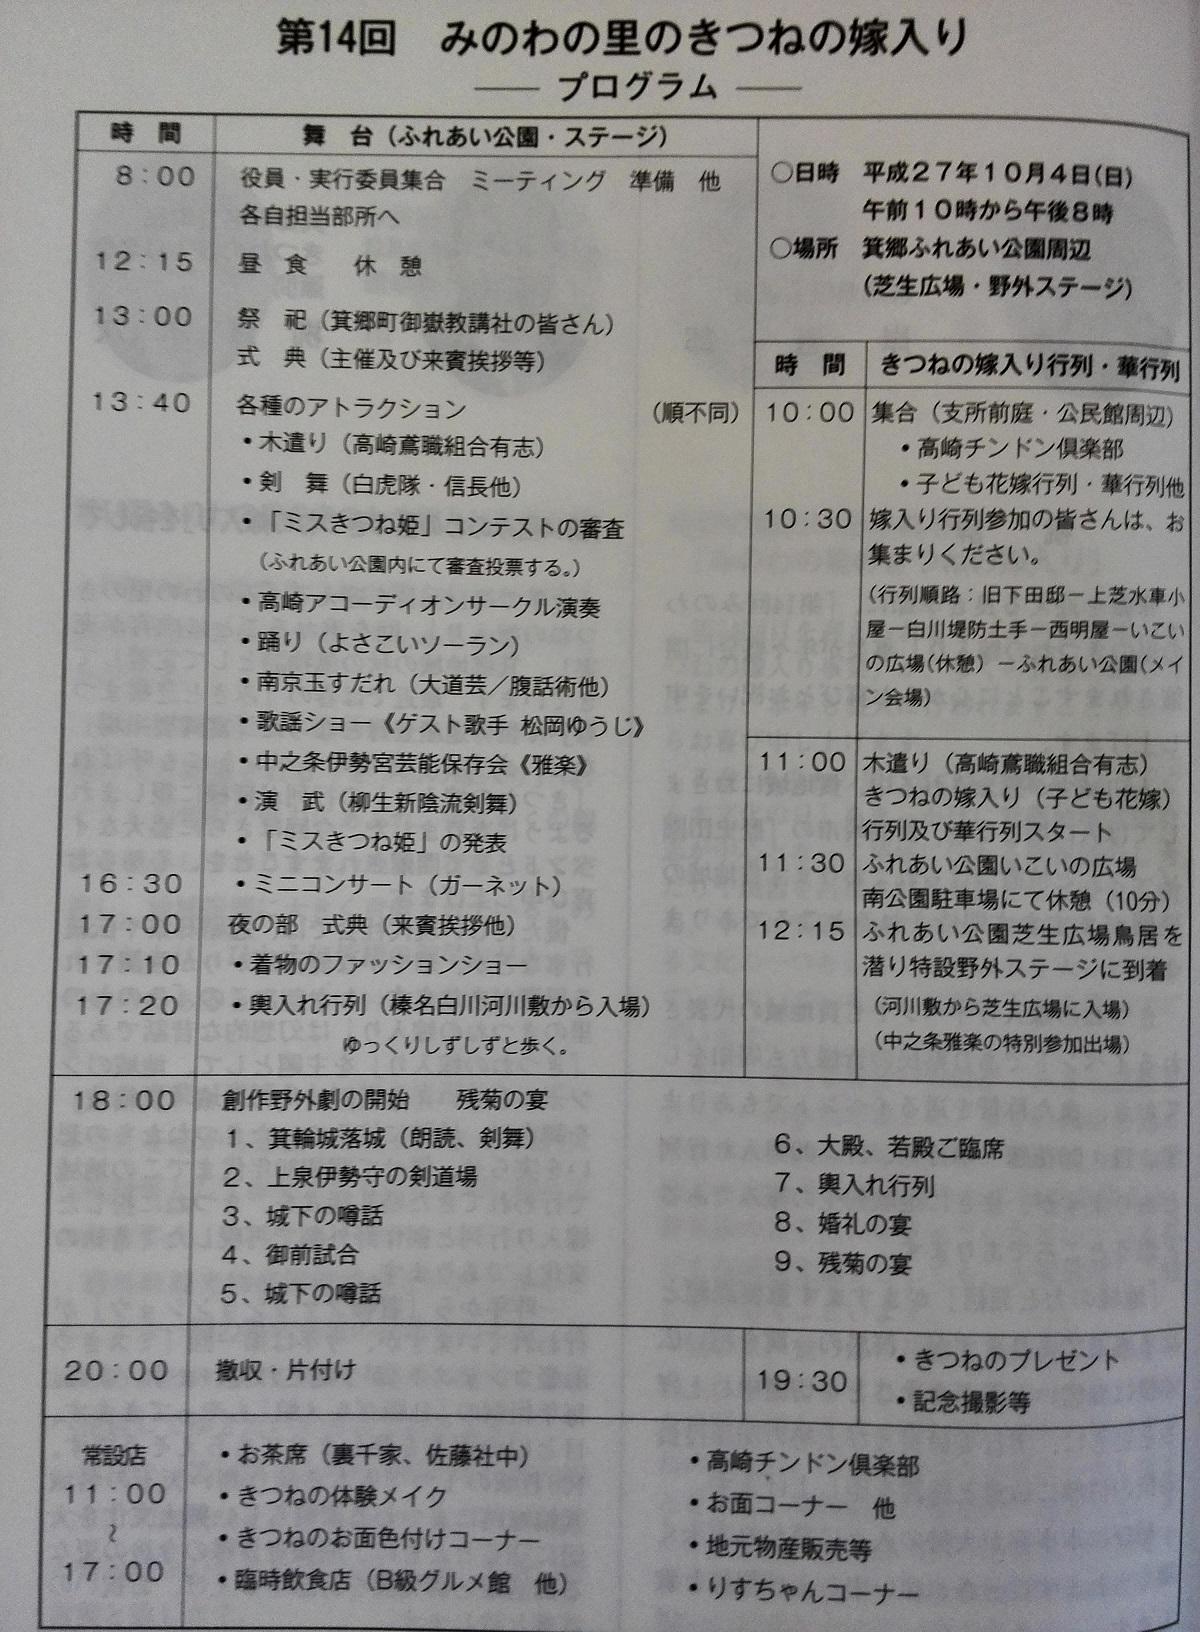 20151004プログラム